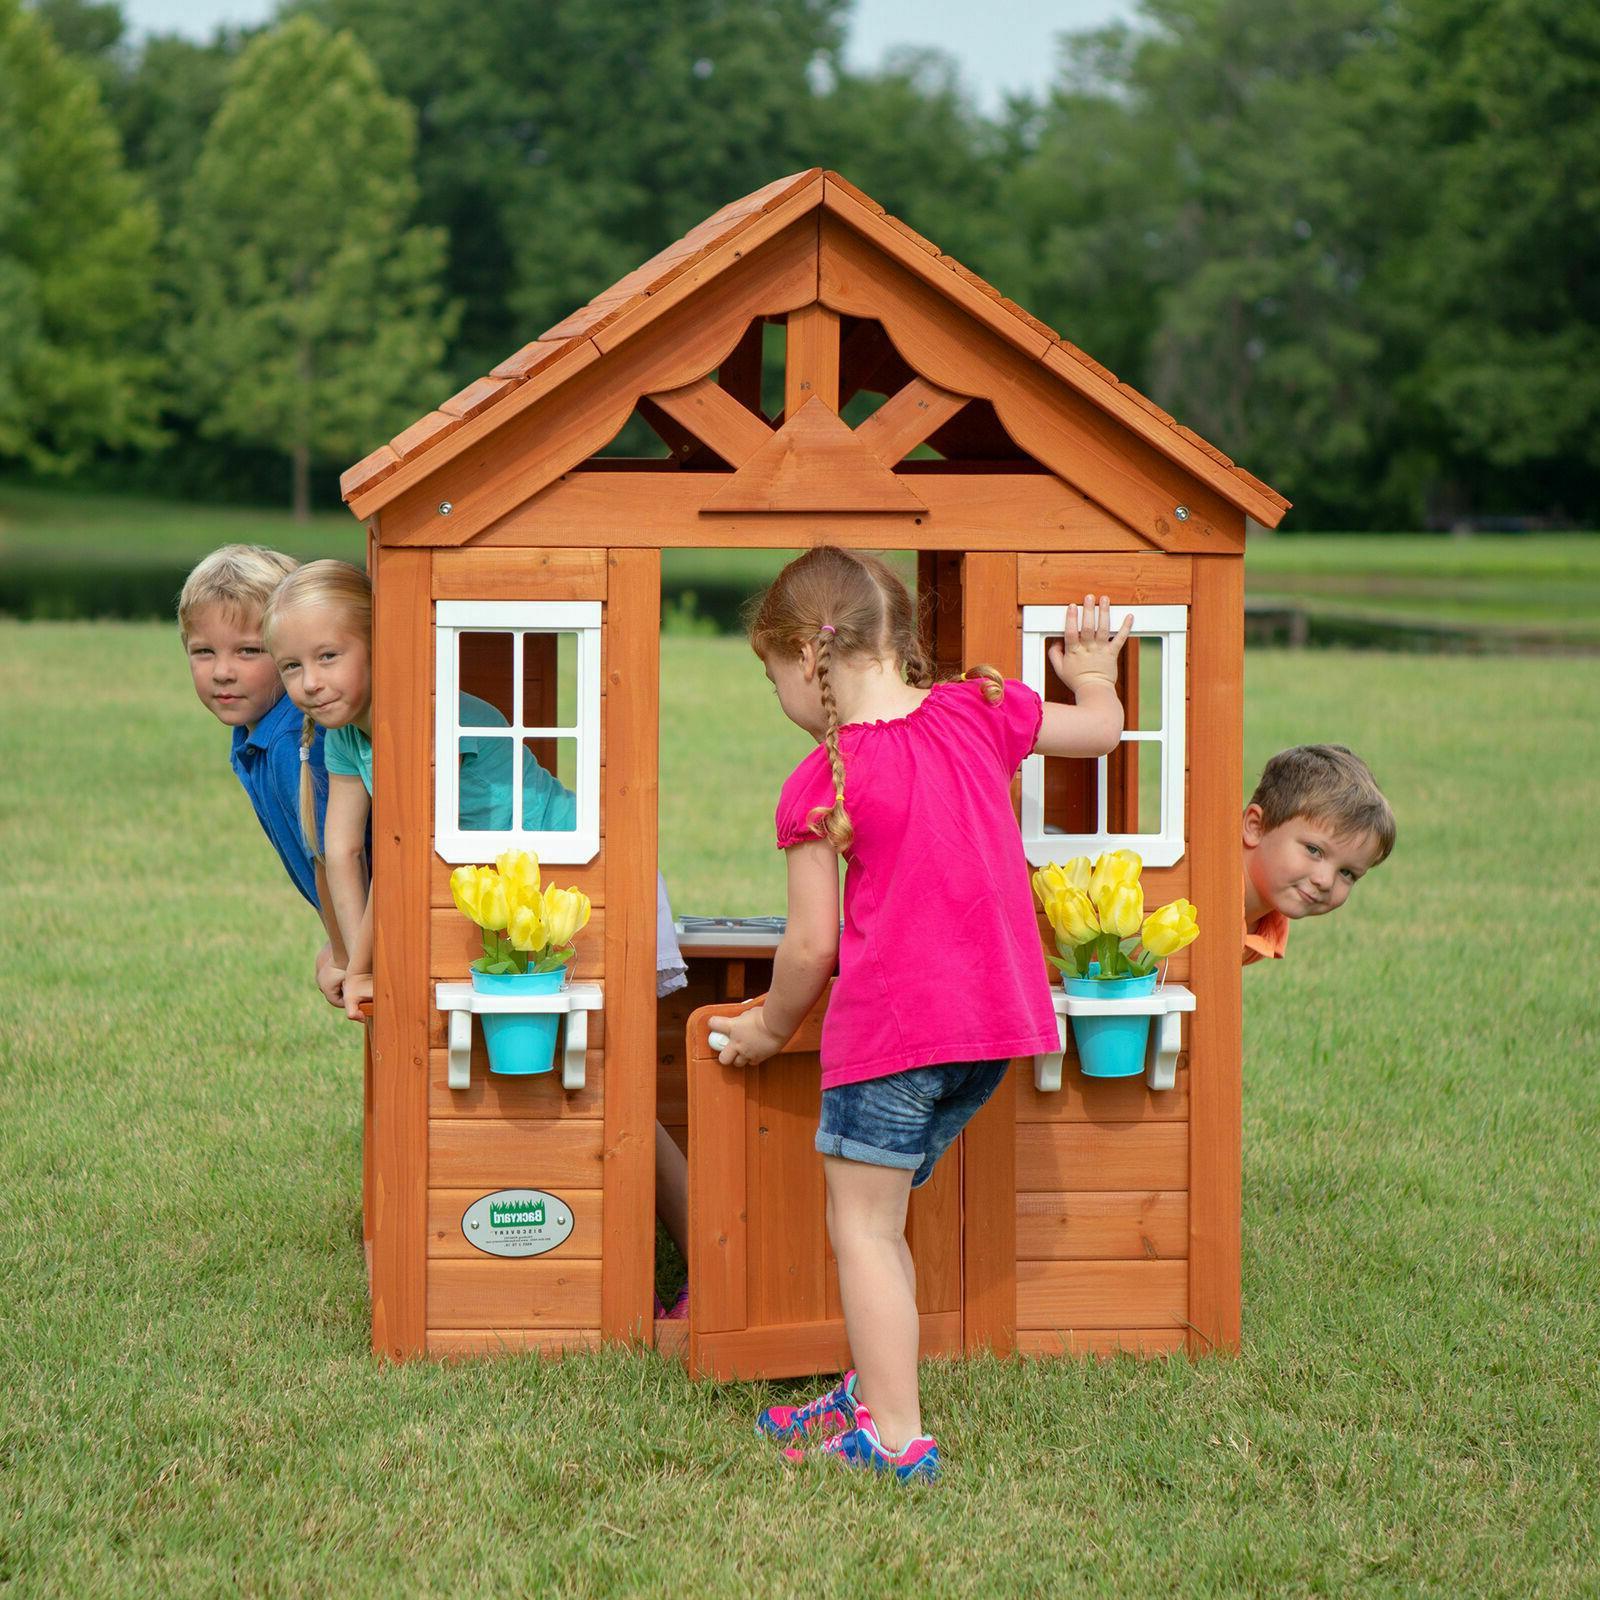 Backyard Wooden Wood Outdoor House Playset Cedar